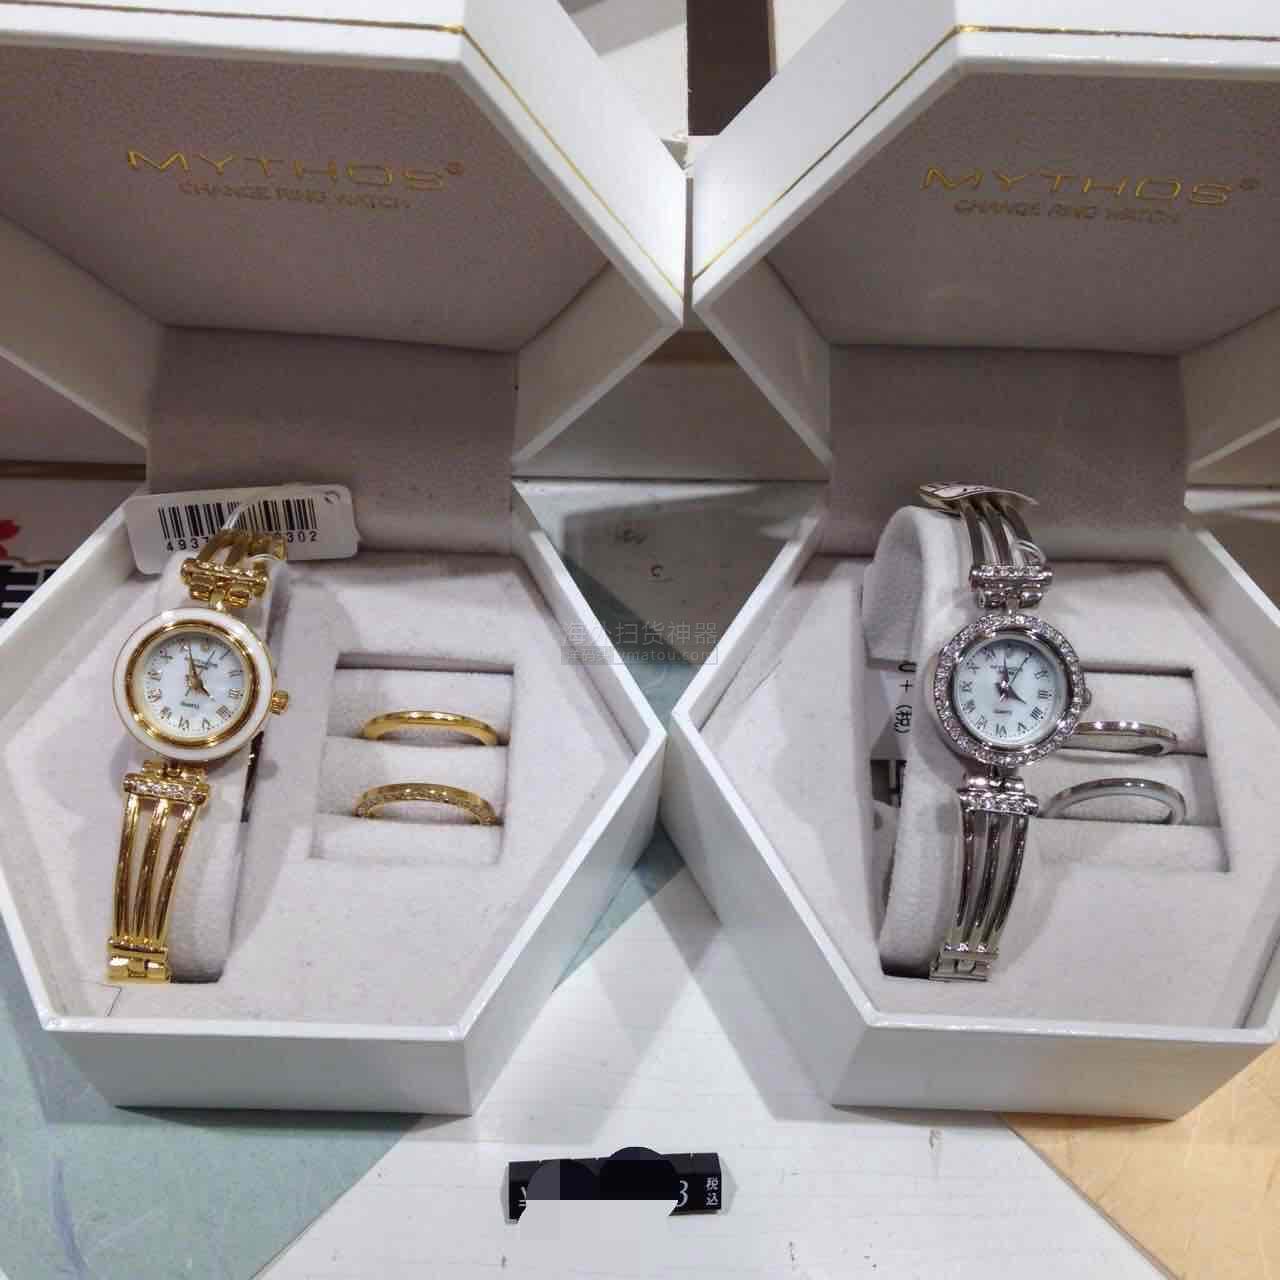 日本本土特色手表 全日本制噢,Mythos 3个风格